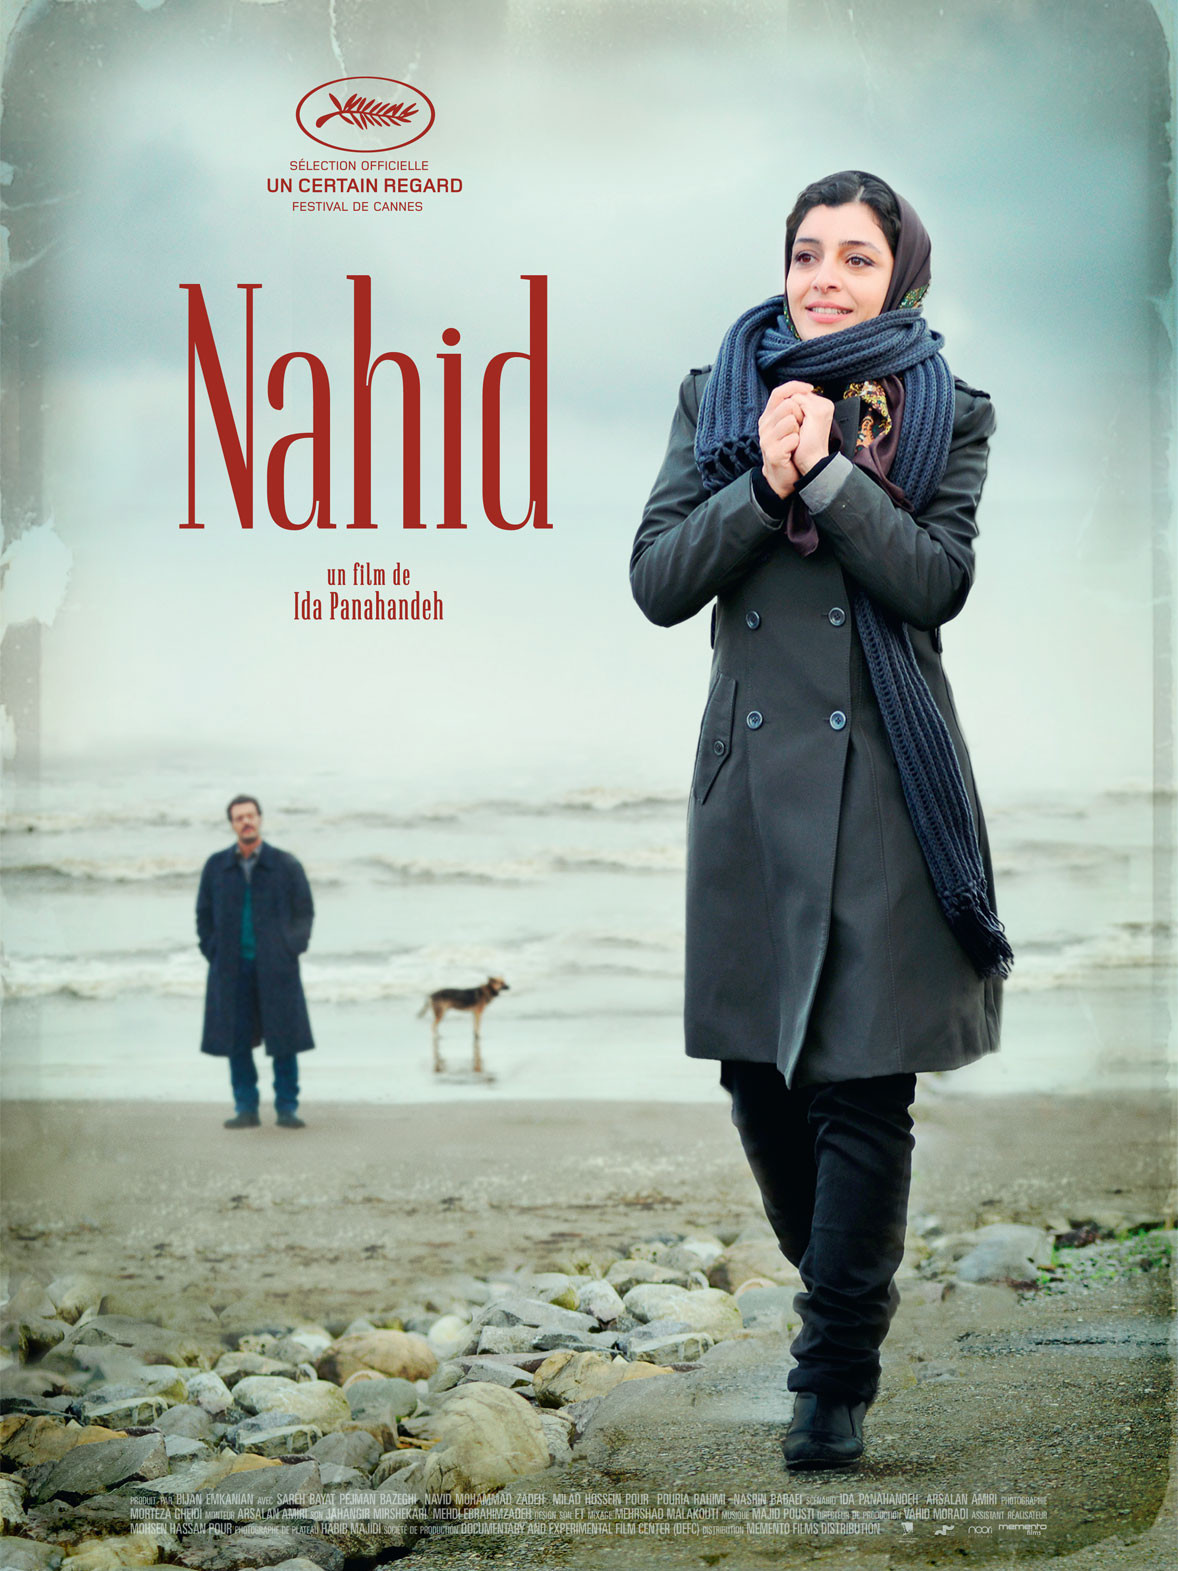 Nahid | Panahandeh, Ida (Réalisateur)